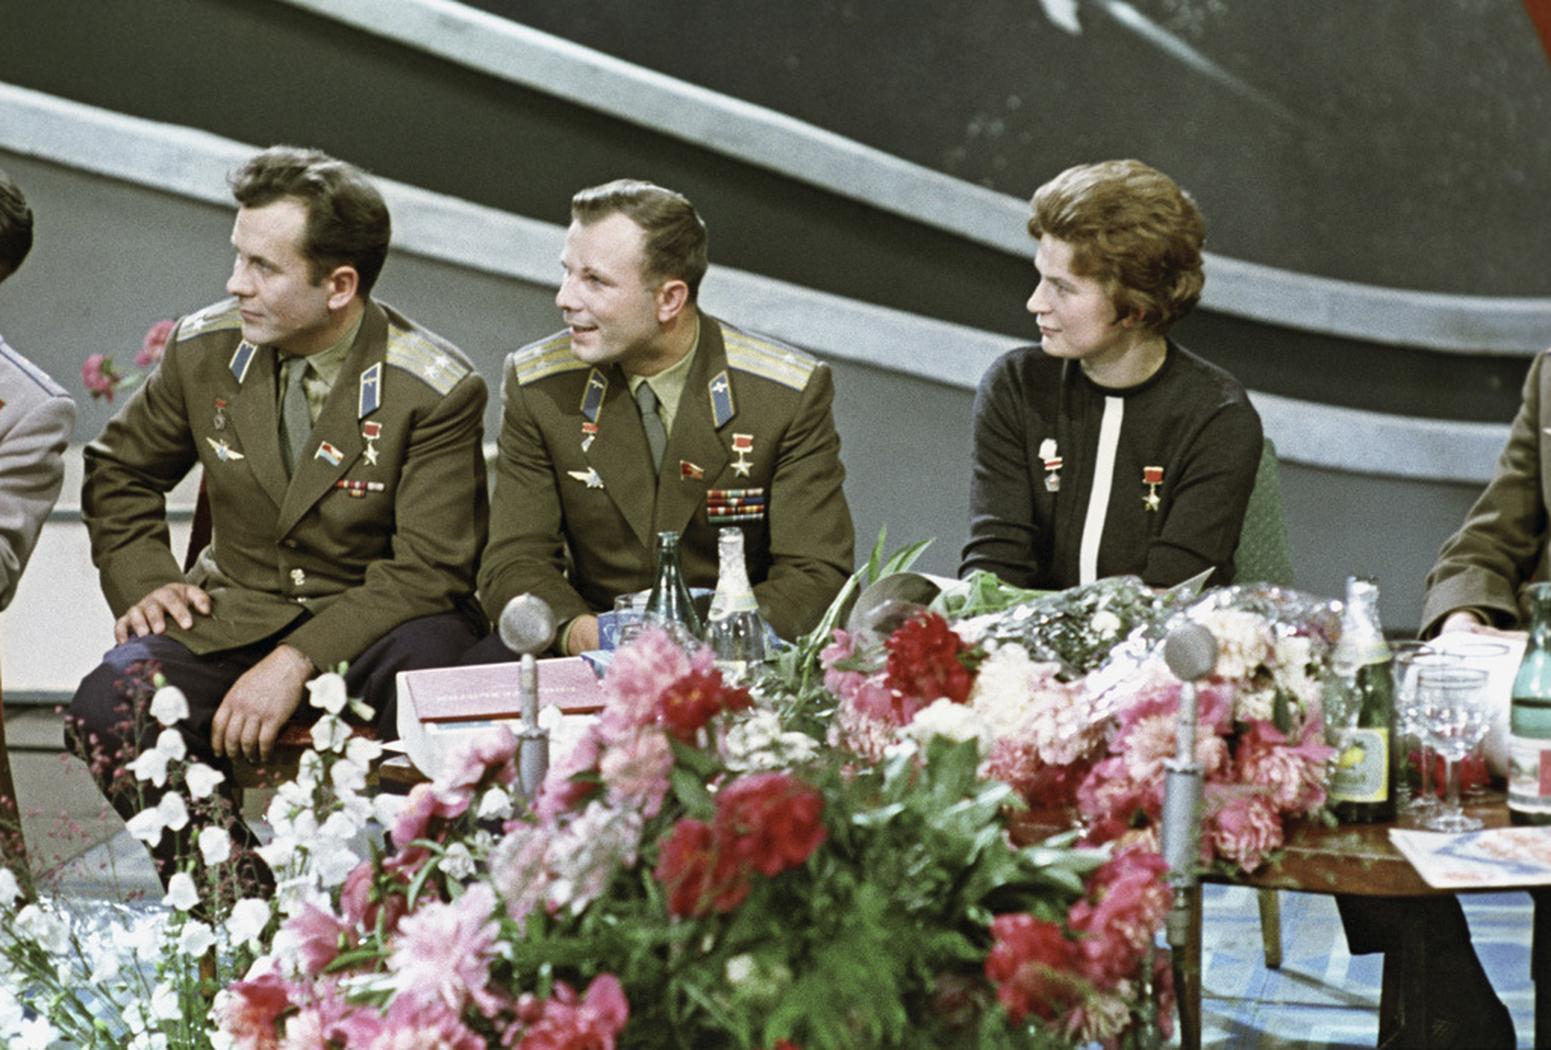 Gwiazdy radzieckiego programu kosmicznego: Jurij Gagarin i Walentina Tierieszkowa w telewizji